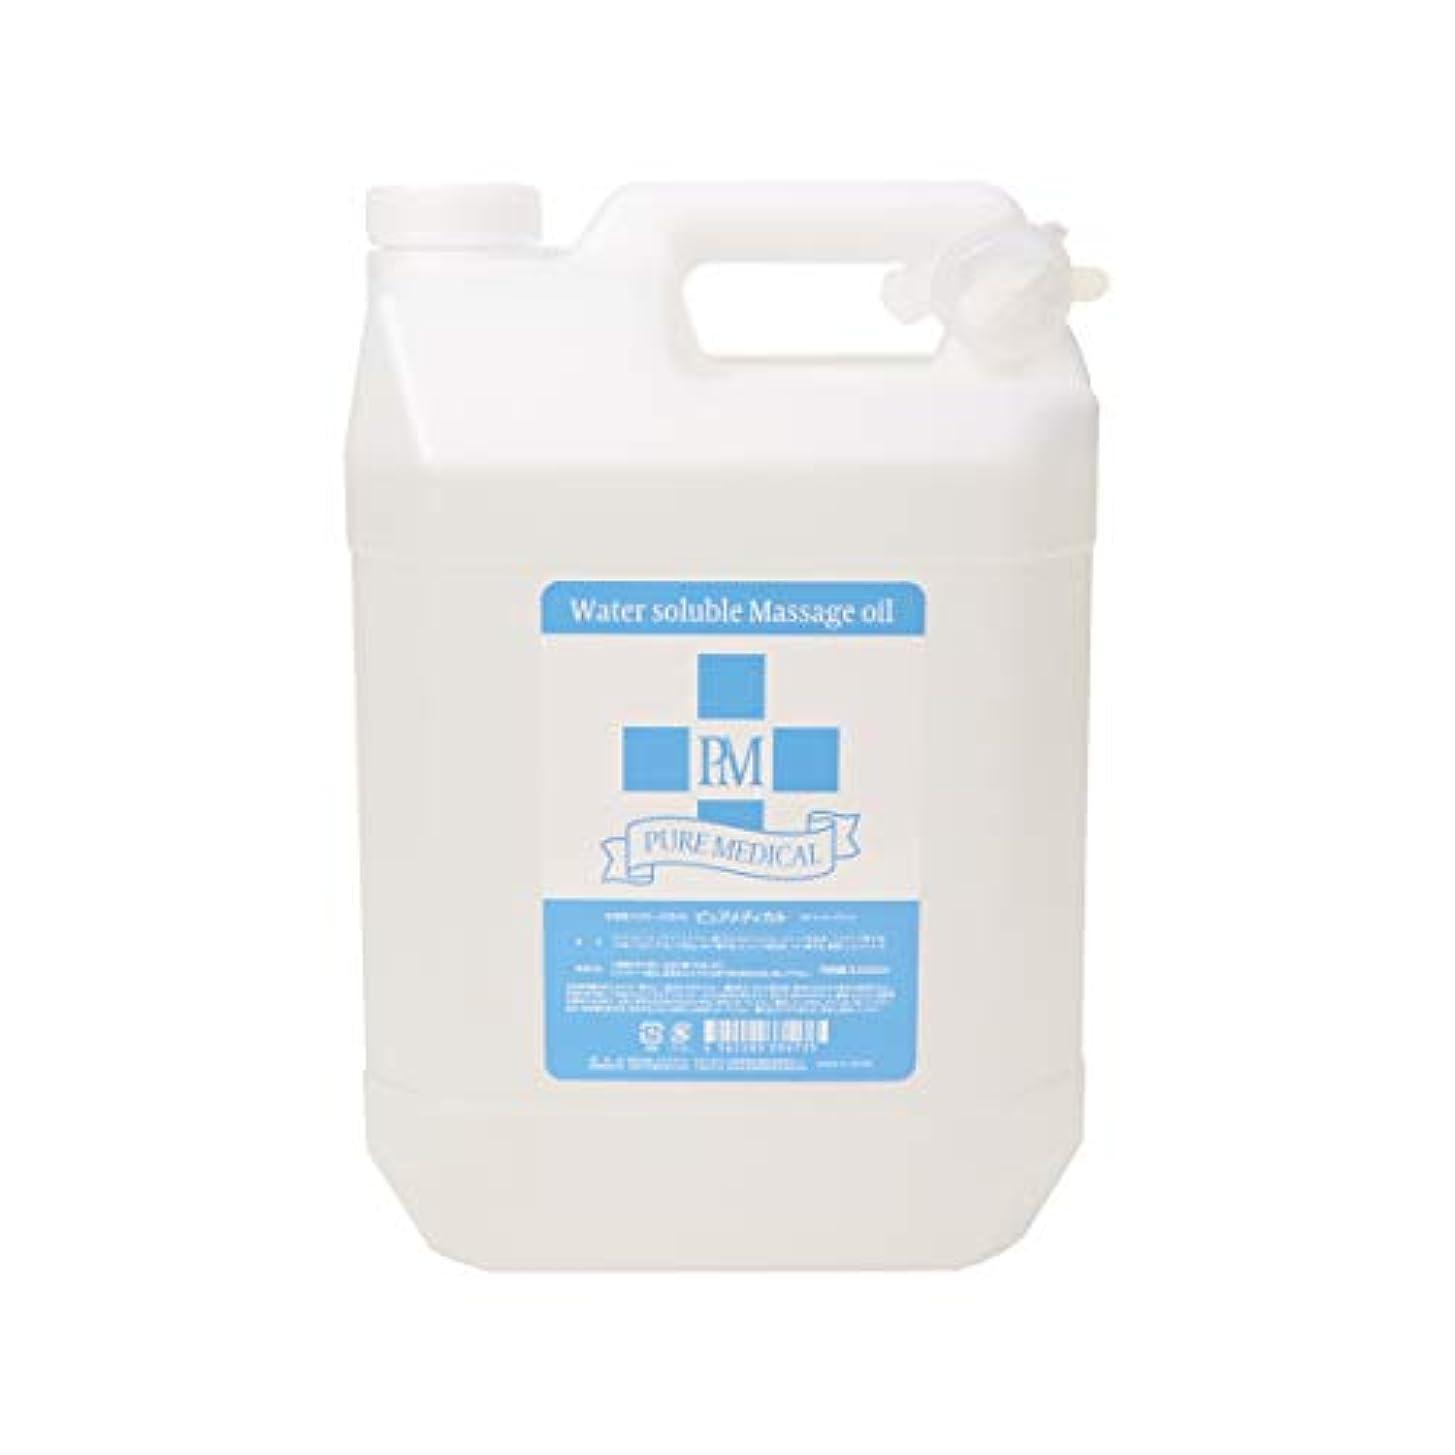 修士号憂鬱なラウンジPURE MEDICAL(ピュアメディカル) 水溶性マッサージオイル 5L マッサージオイル ボディオイル PM 無香料 日本製 業務用 ボディ用